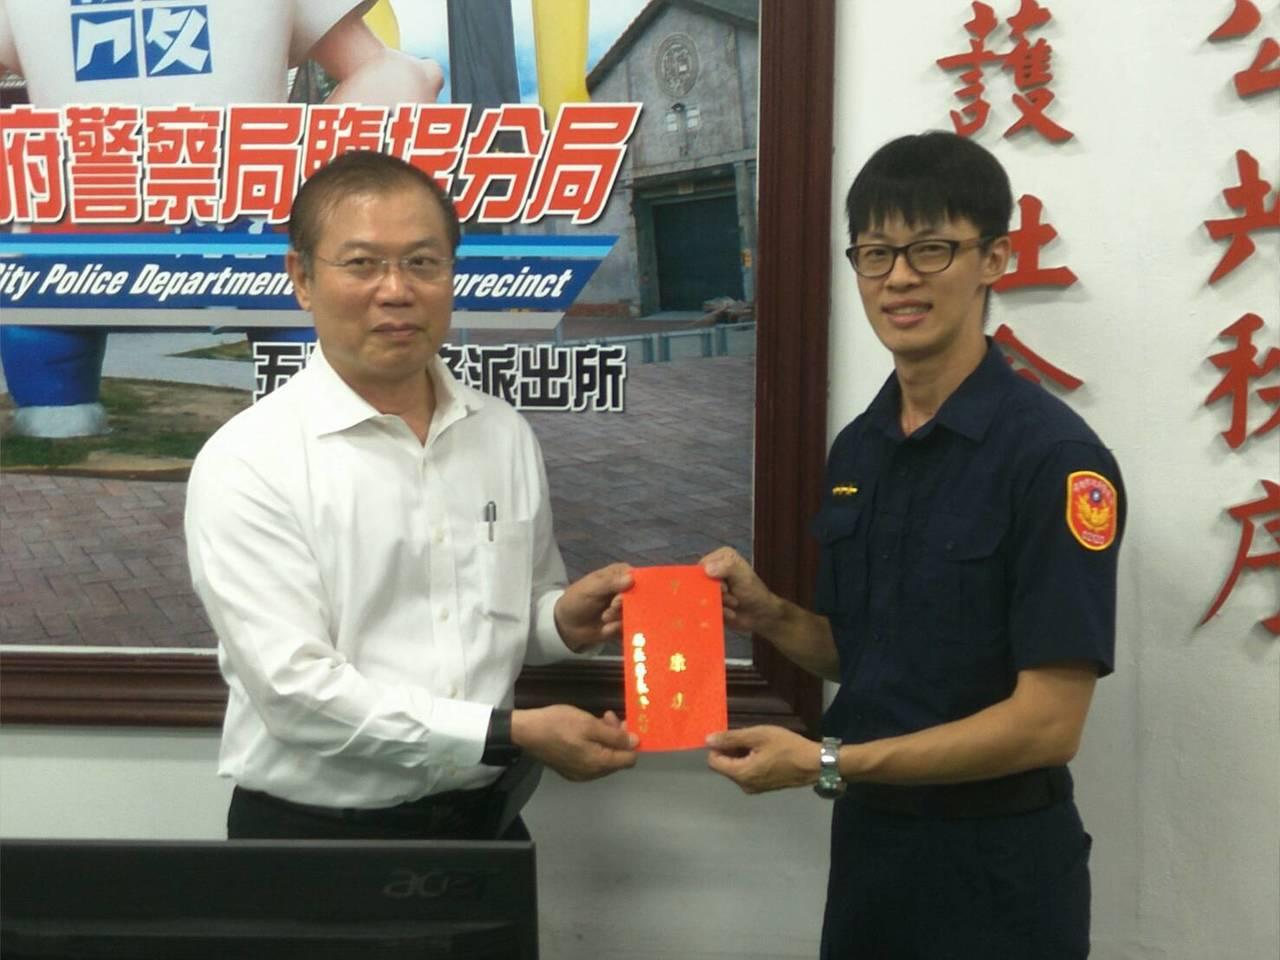 市警局長李永癸(左起)表揚警員顏長弘。記者林伯驊/翻攝